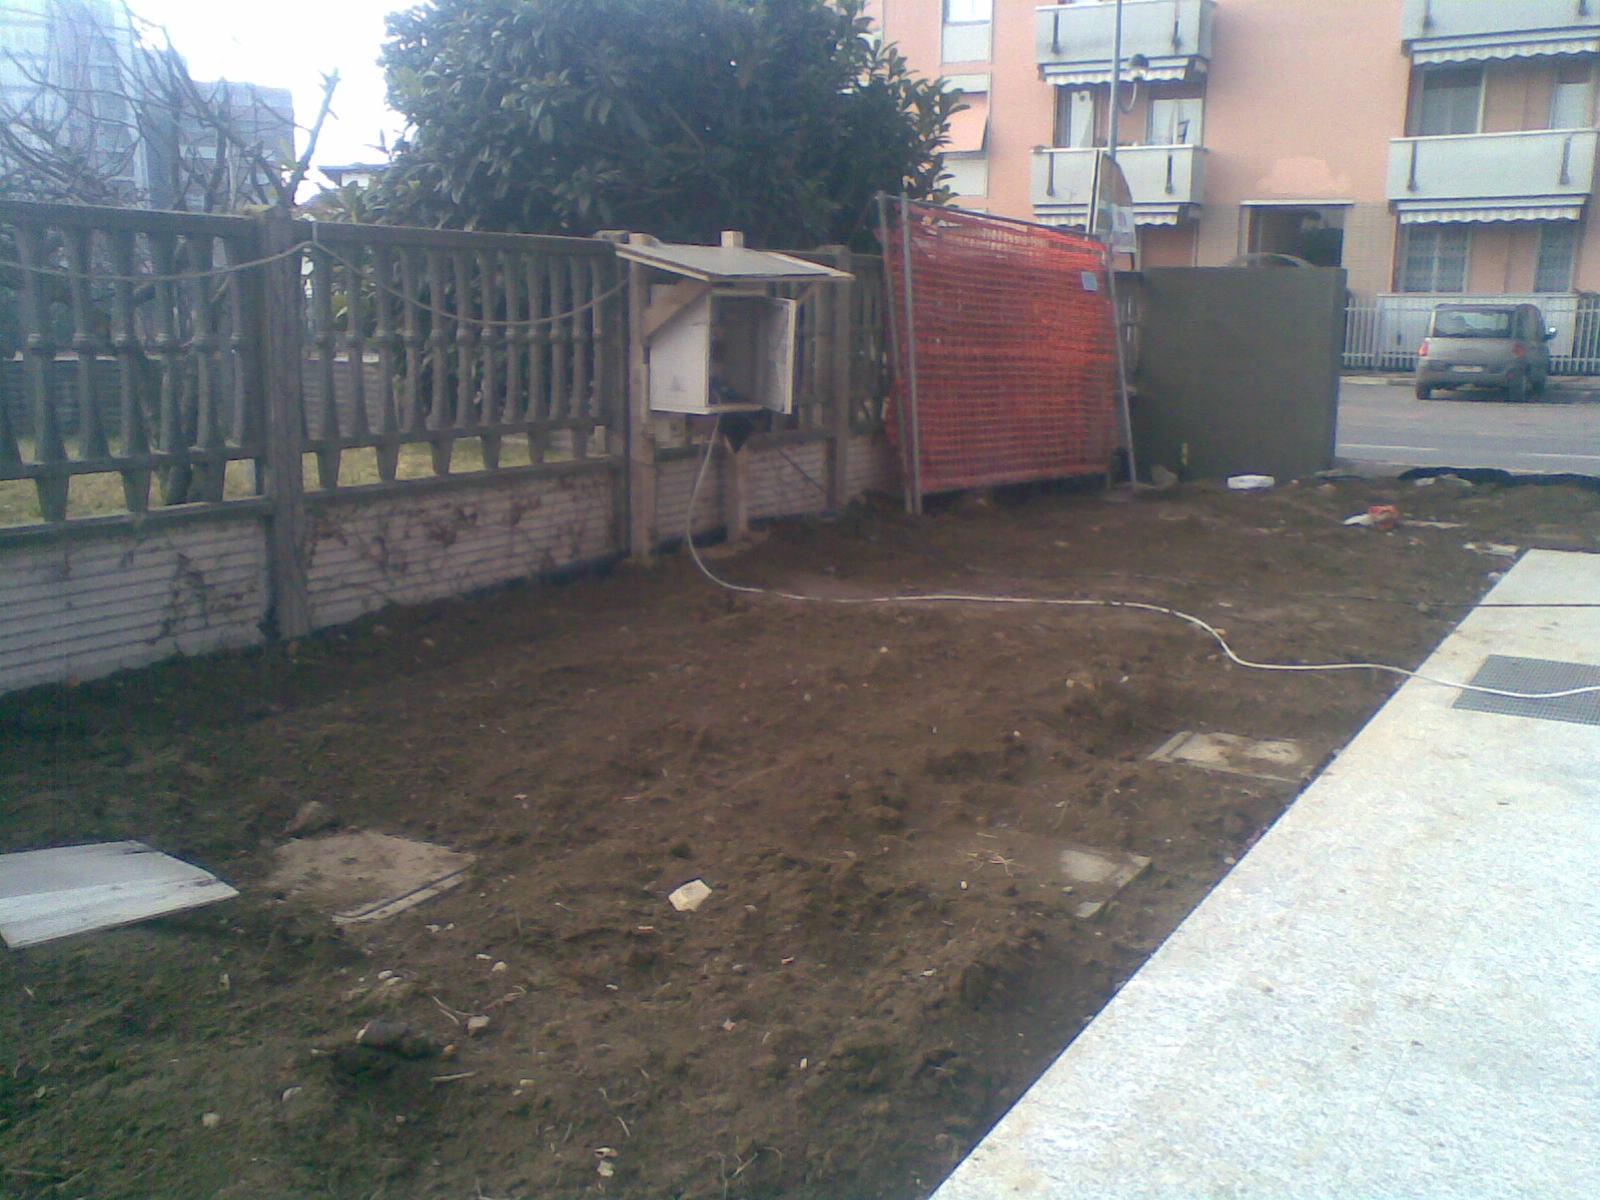 Pavimenti da giardino economici piastrelle da esterno - Pavimentare giardino economico ...